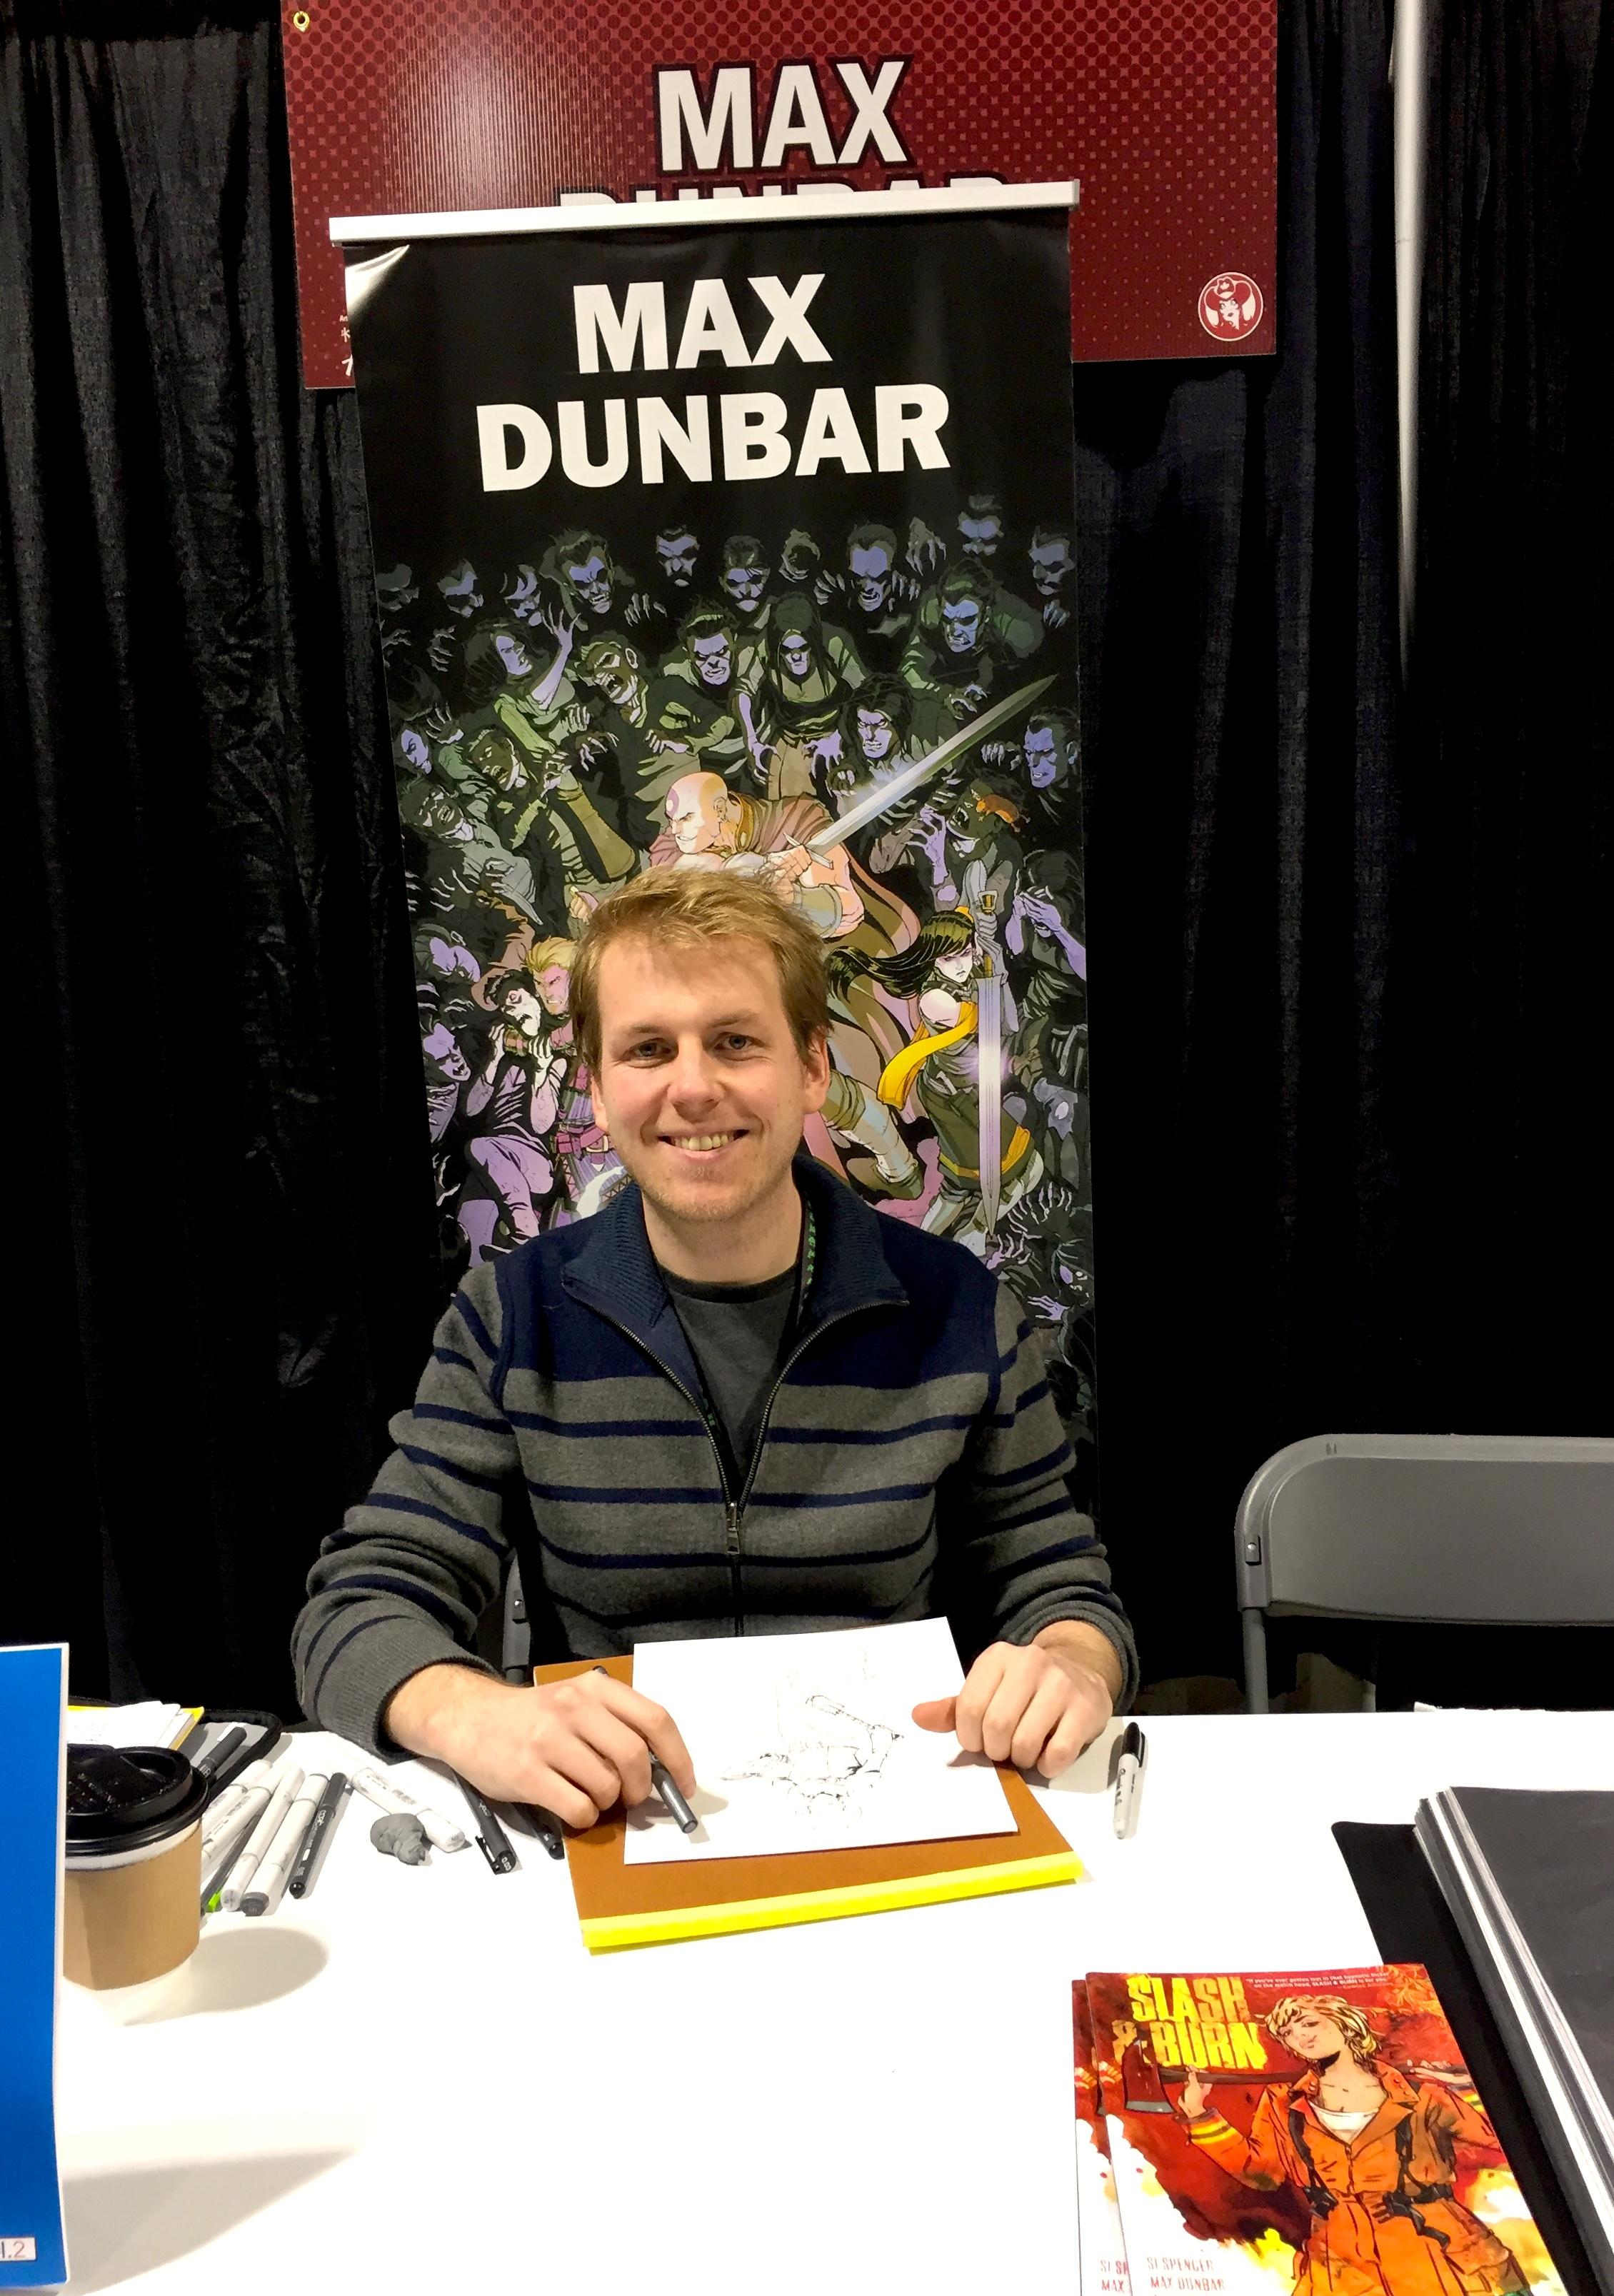 Artist Max Dunbar at the 2017 Calgary Expo   (Photo credit: Chris Doucher/GeekNerdNet.com)